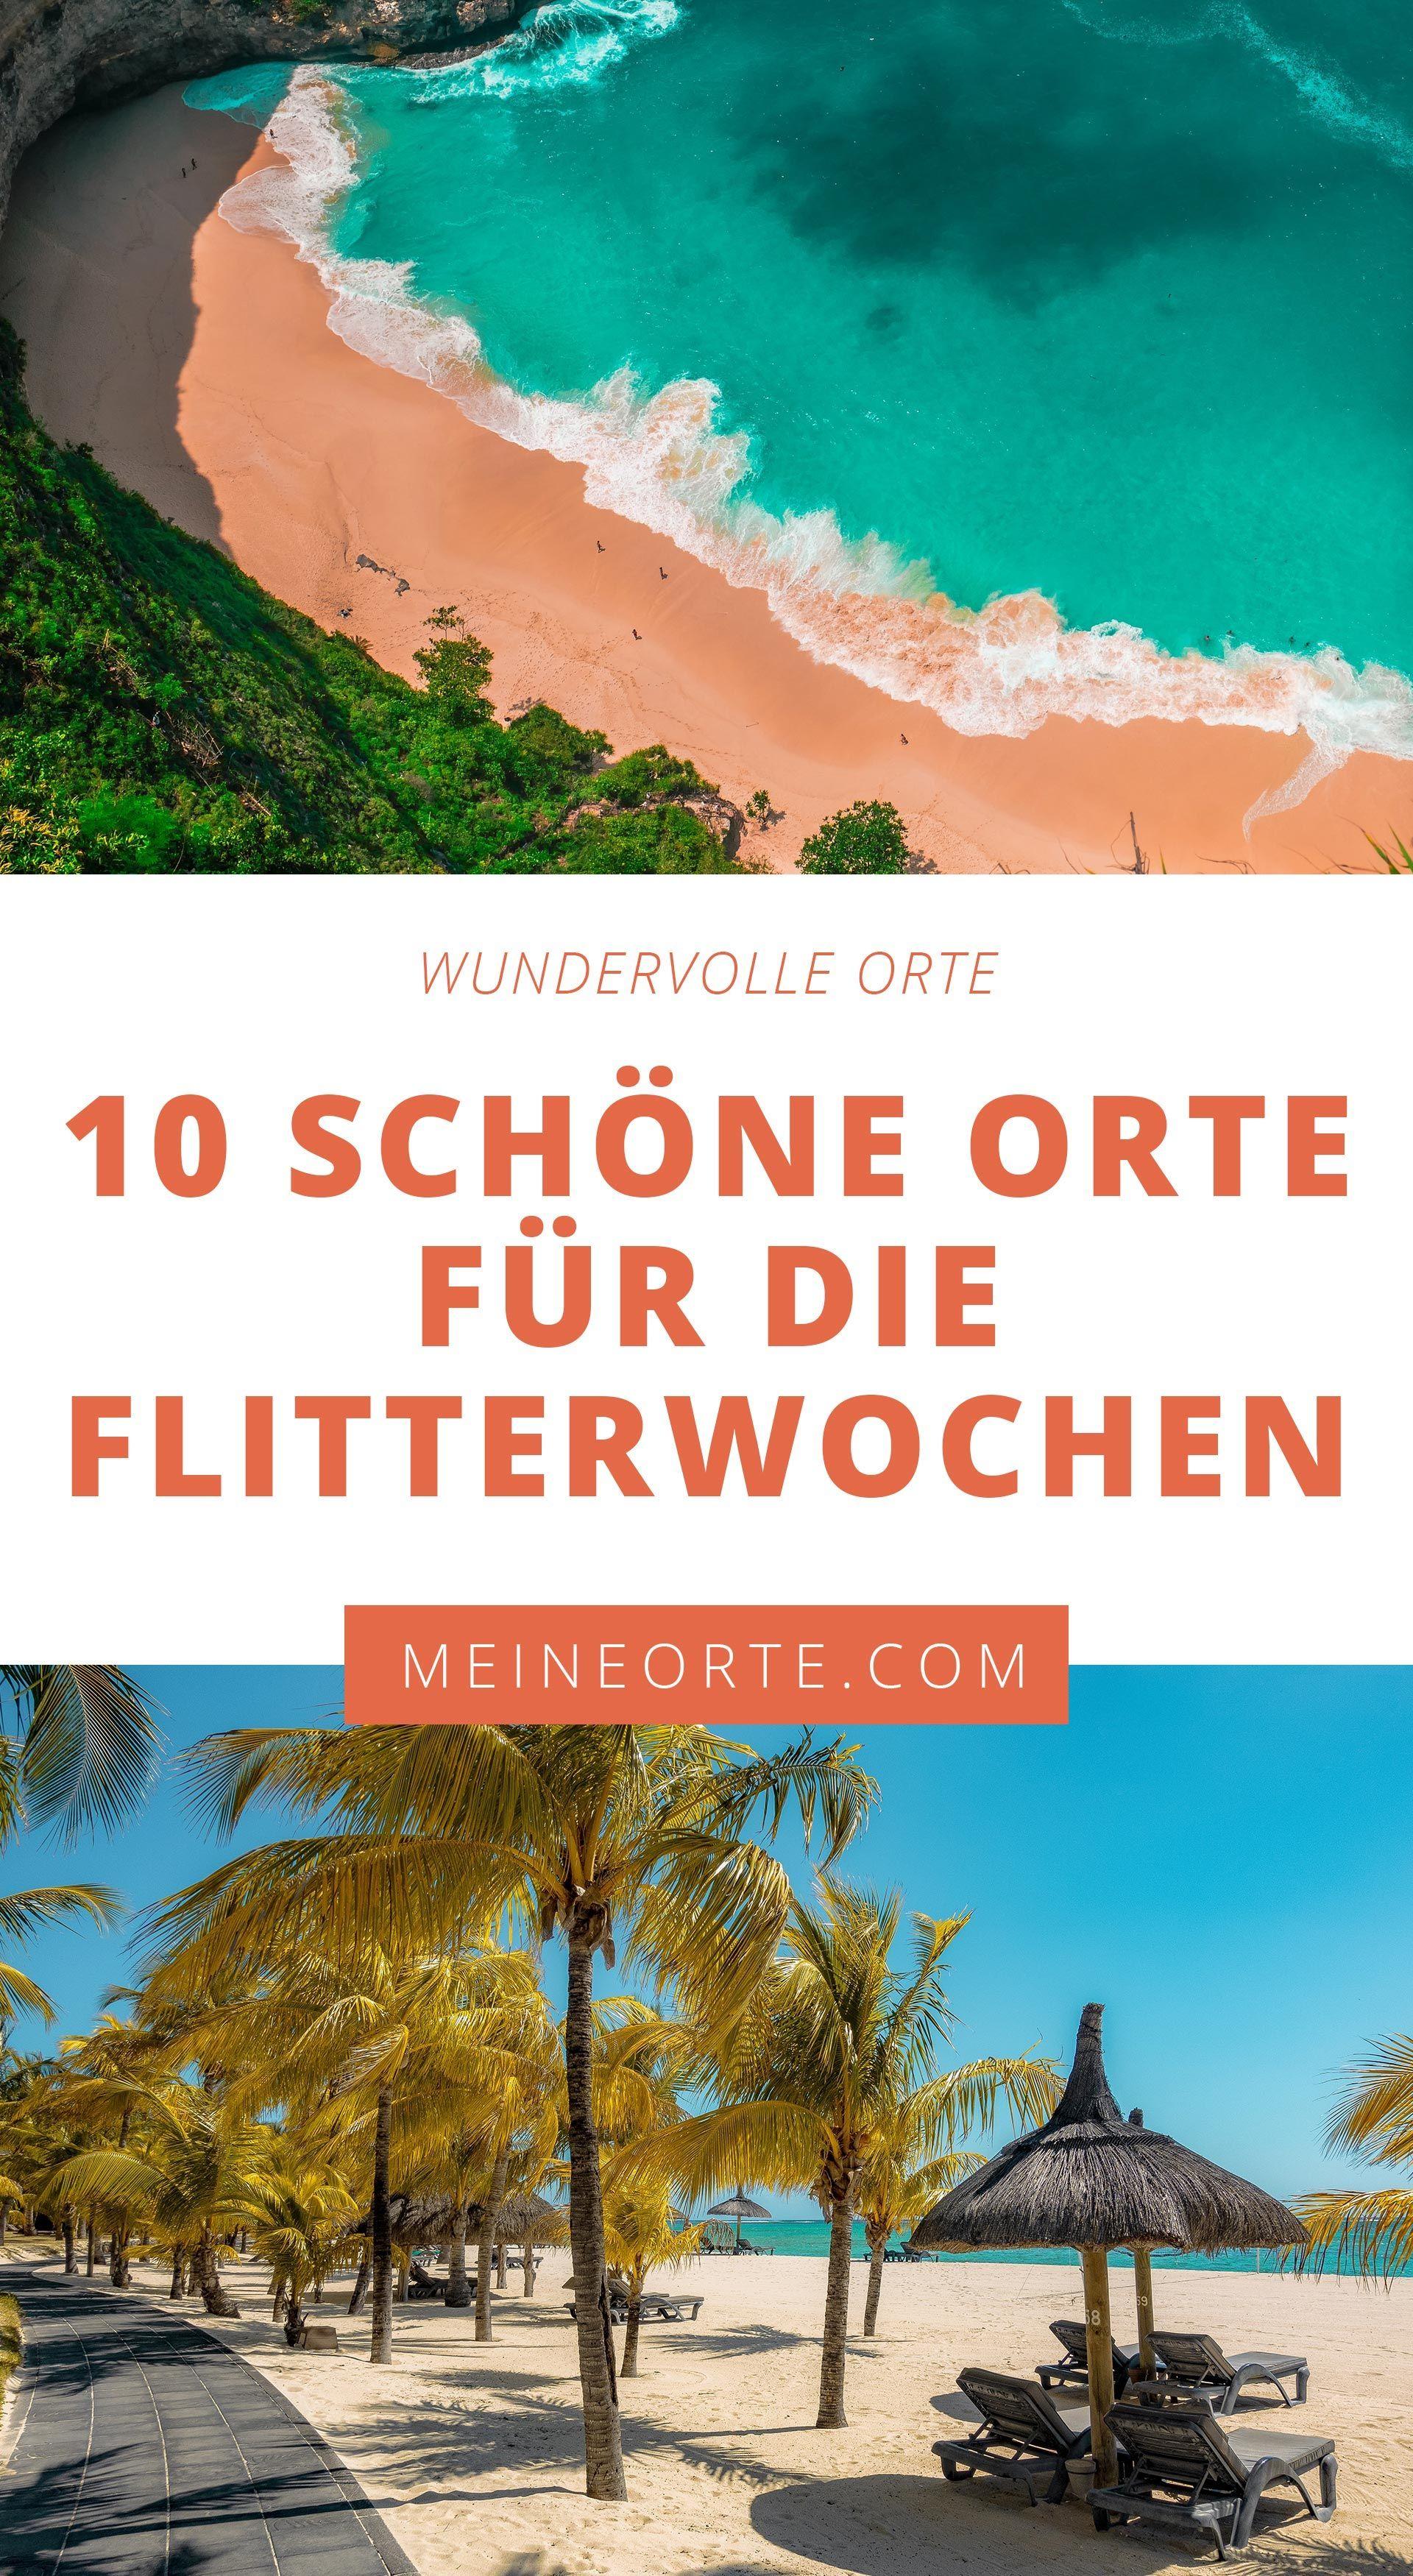 10 SCHÖNE ORTE FÜR DIE FLITTERWOCHEN   Flitterwochen